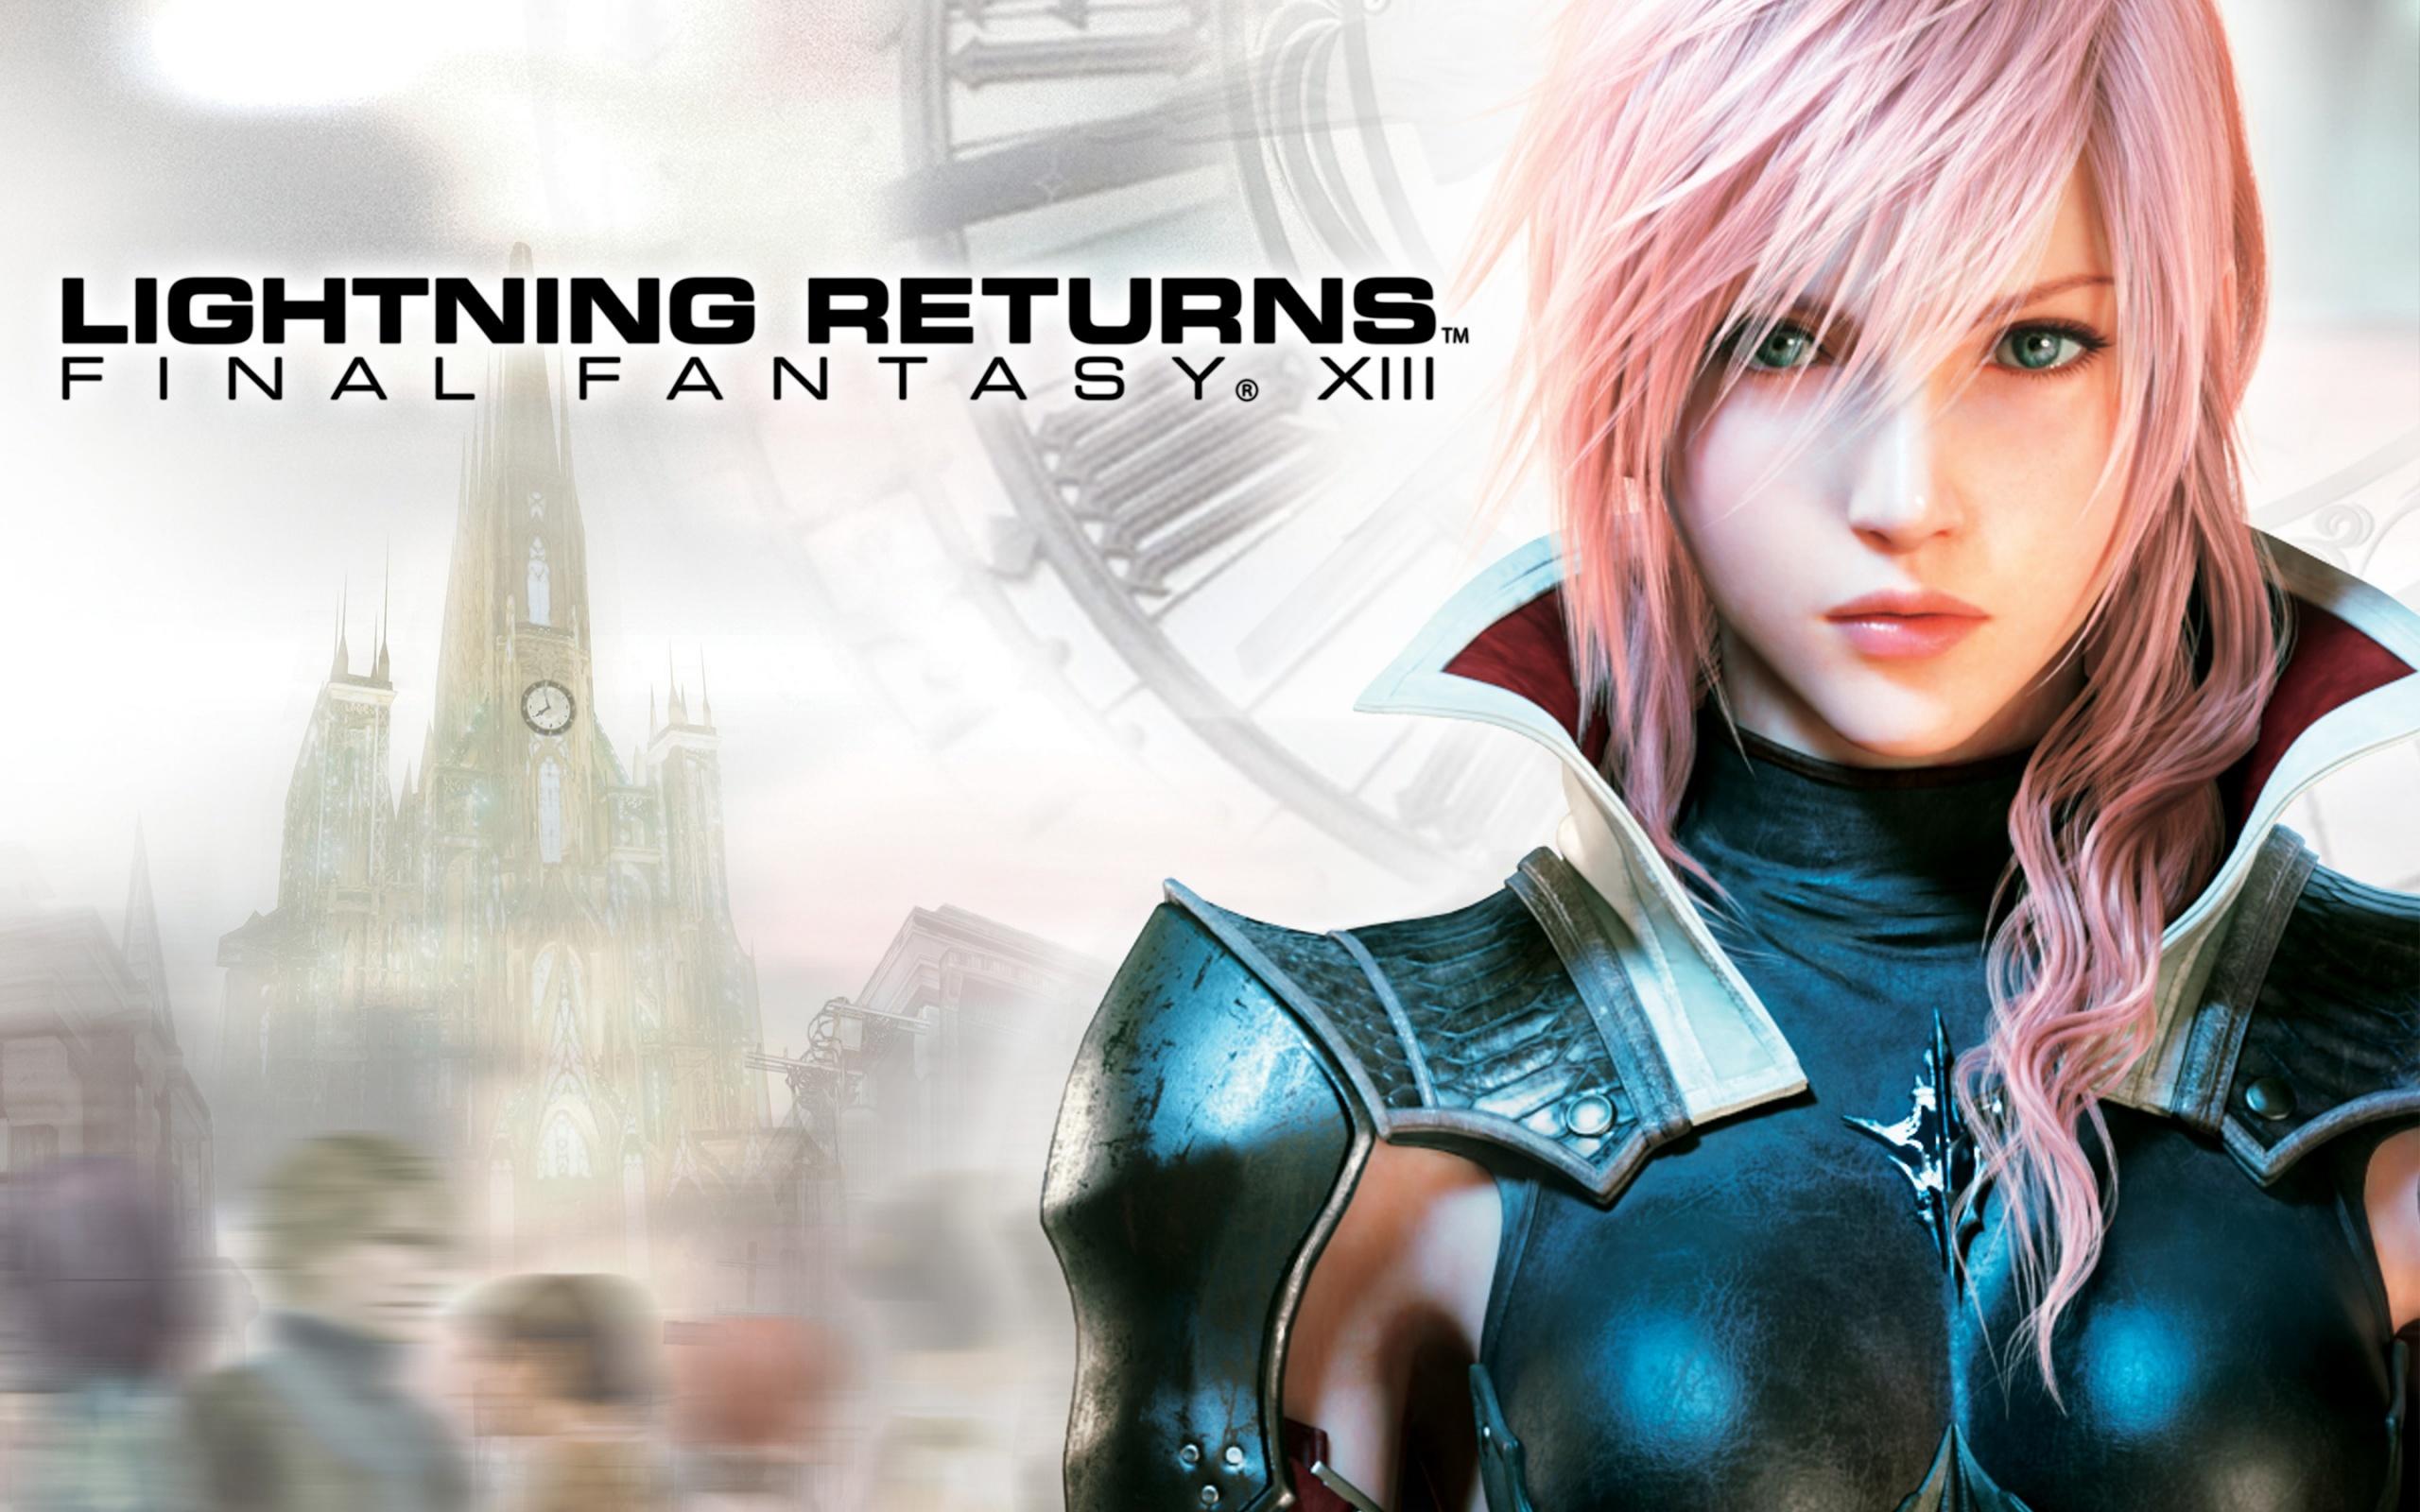 {Galerie} Vos fonds d'écran de PC/smartphones, etc - Page 3 Lightning-returns-final-fantasy-xiii-40525-wp